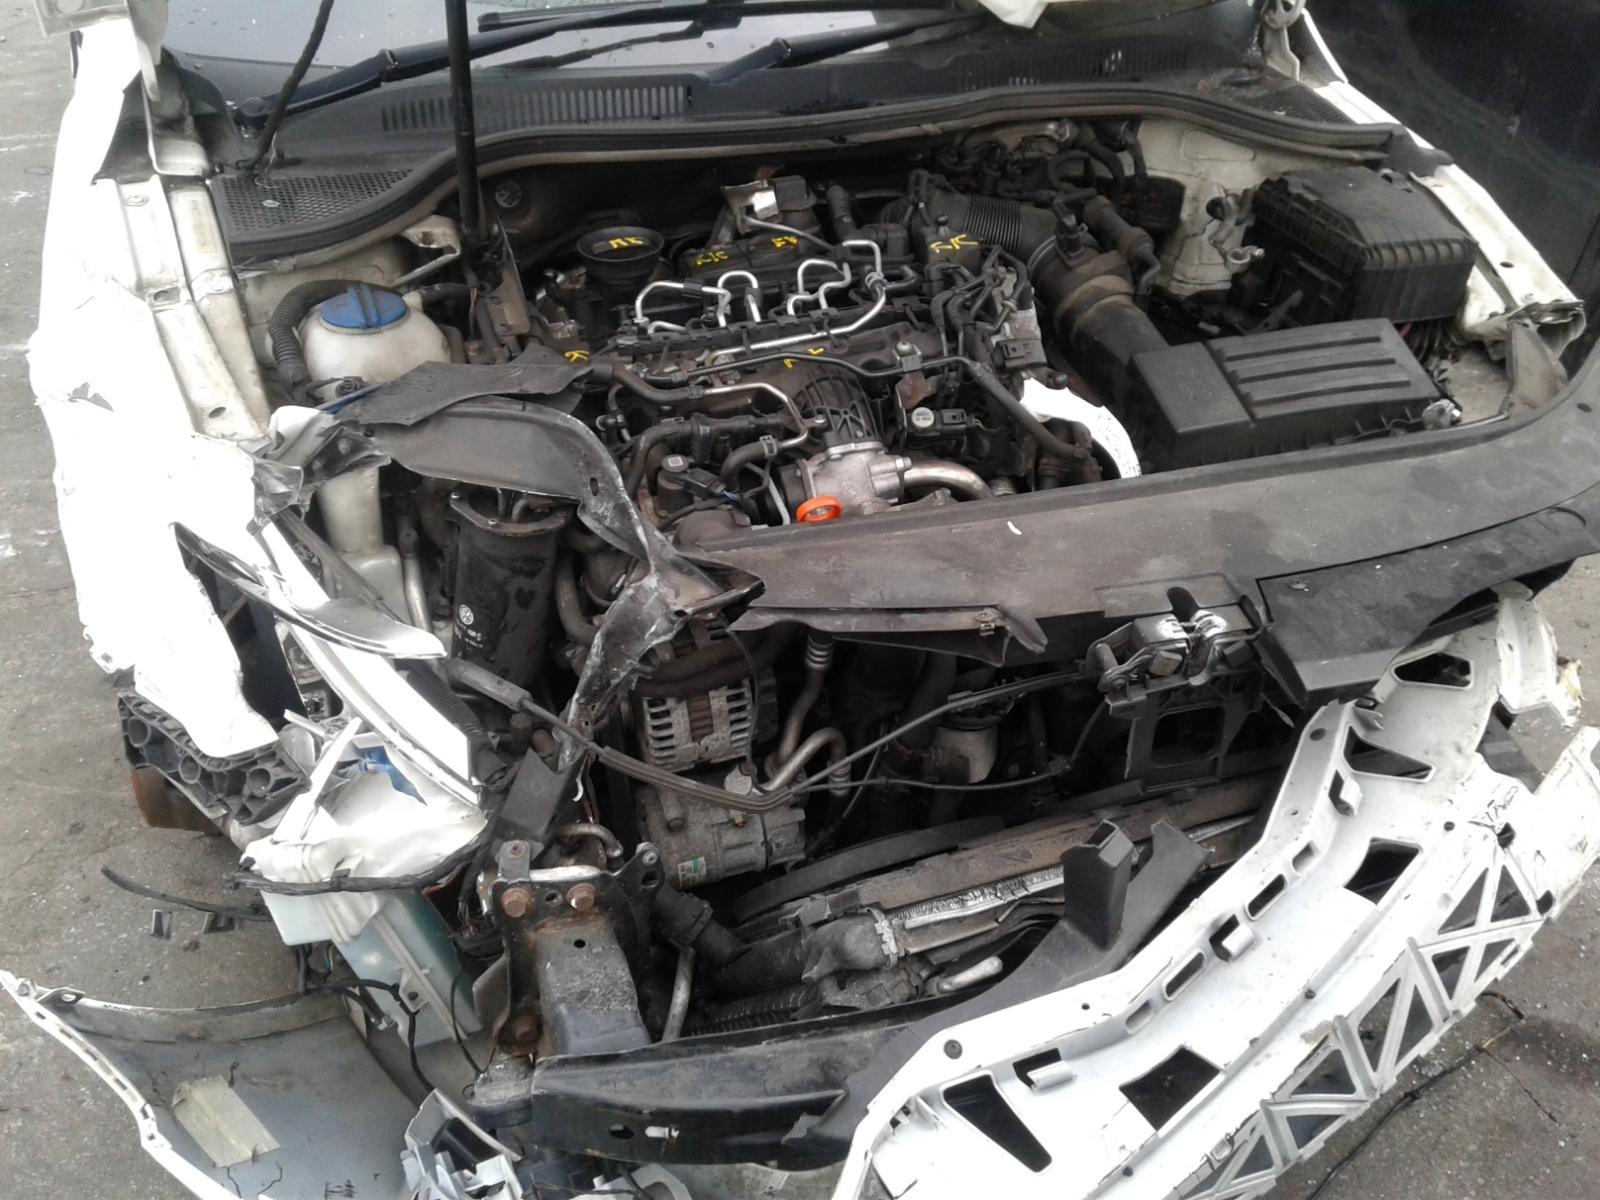 Image for a VOLKSWAGEN PASSAT CC 2010 4 Door Coupe